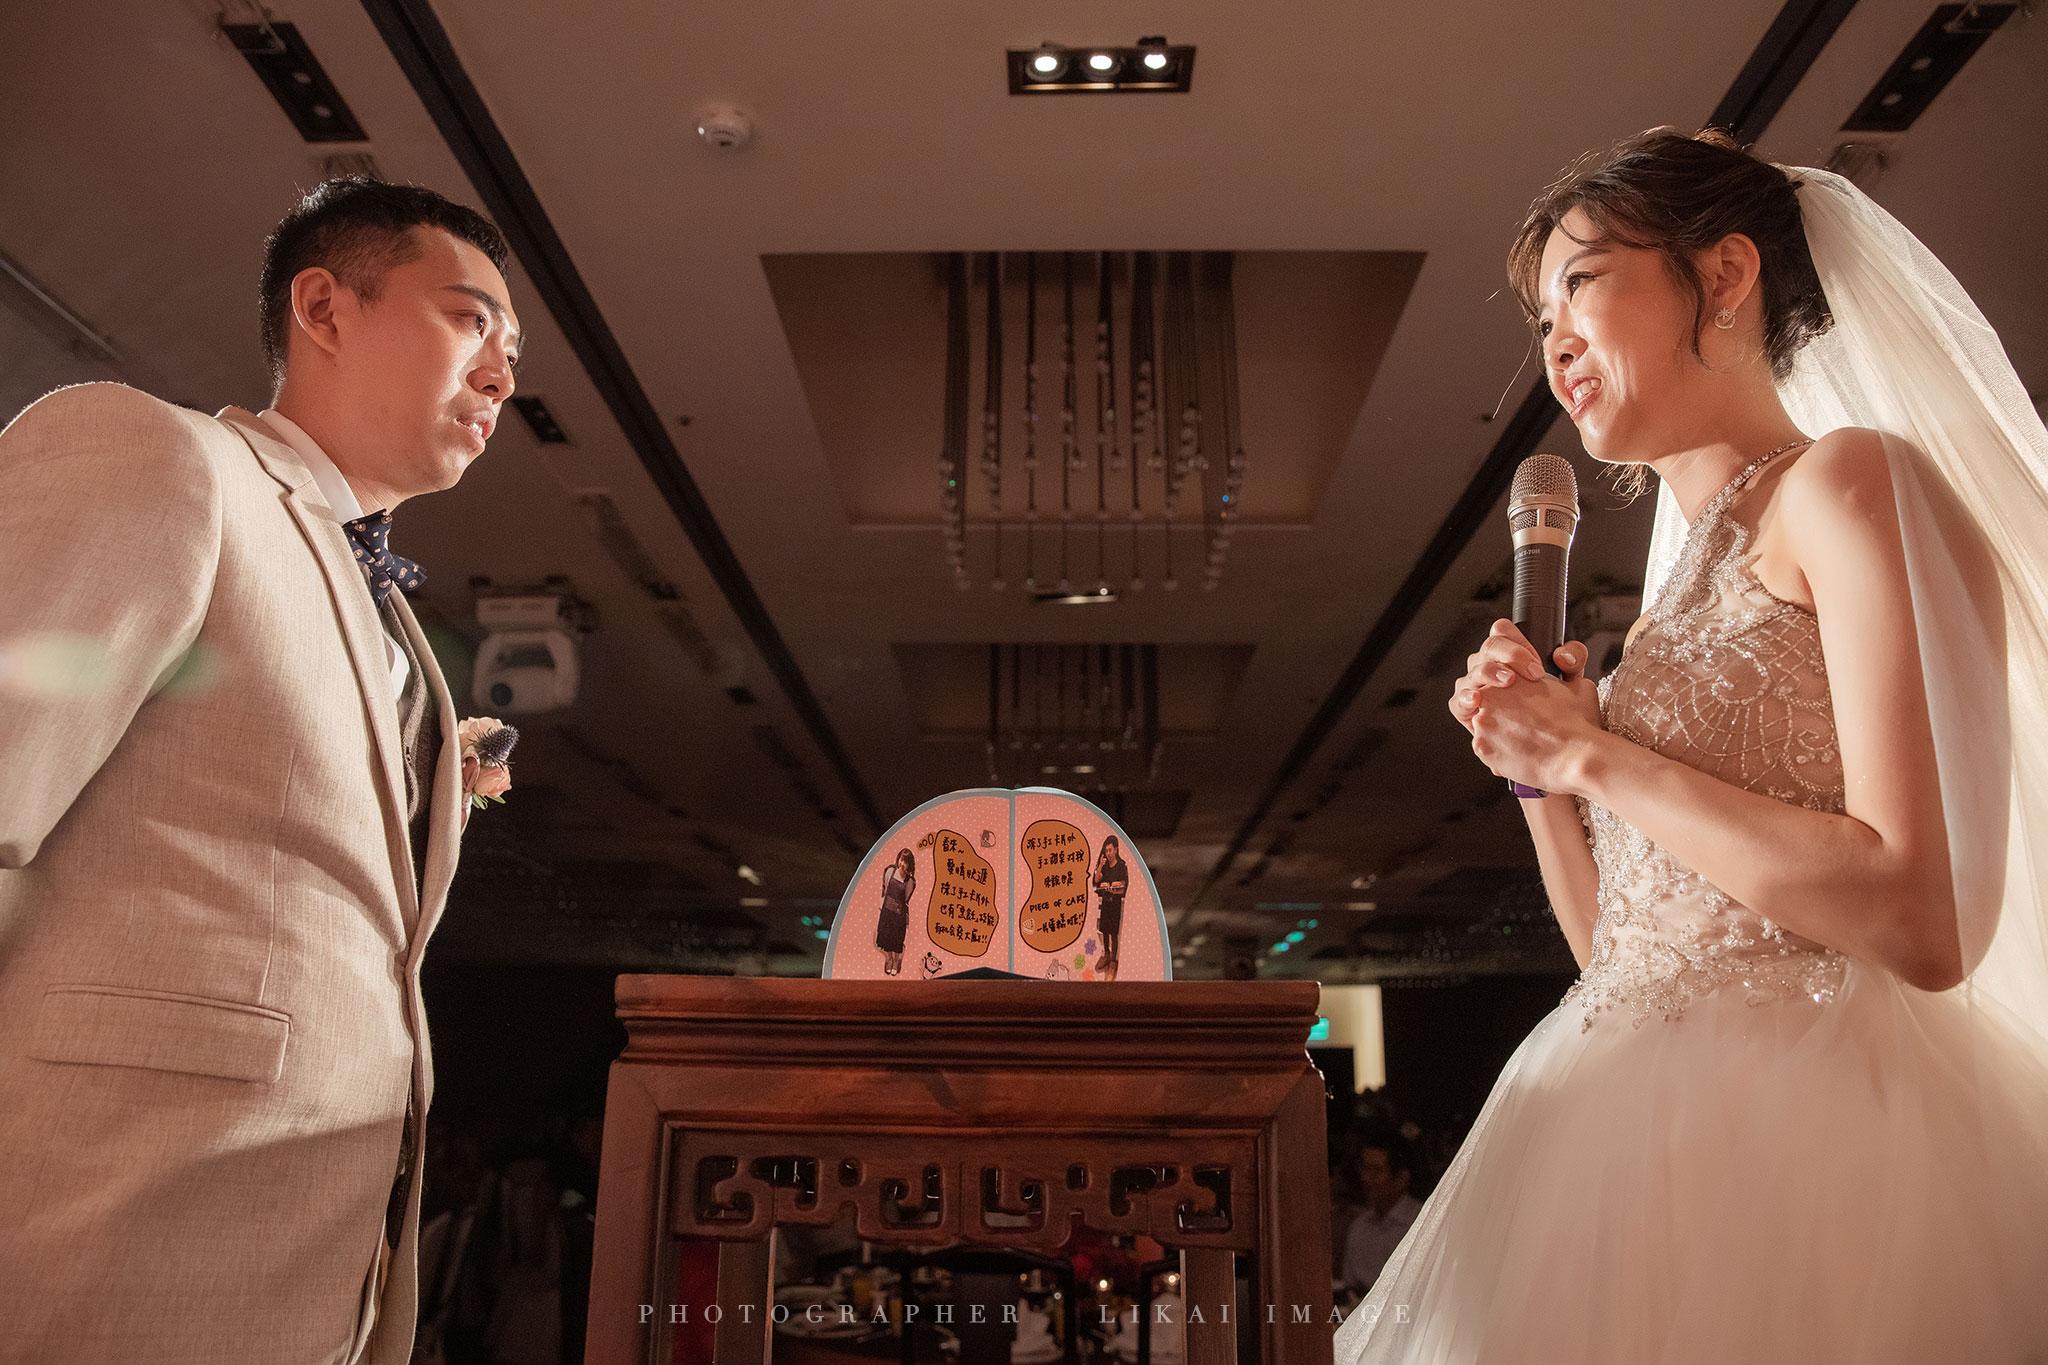 婚禮紀錄 - Nellie & Nono - 故宮晶華